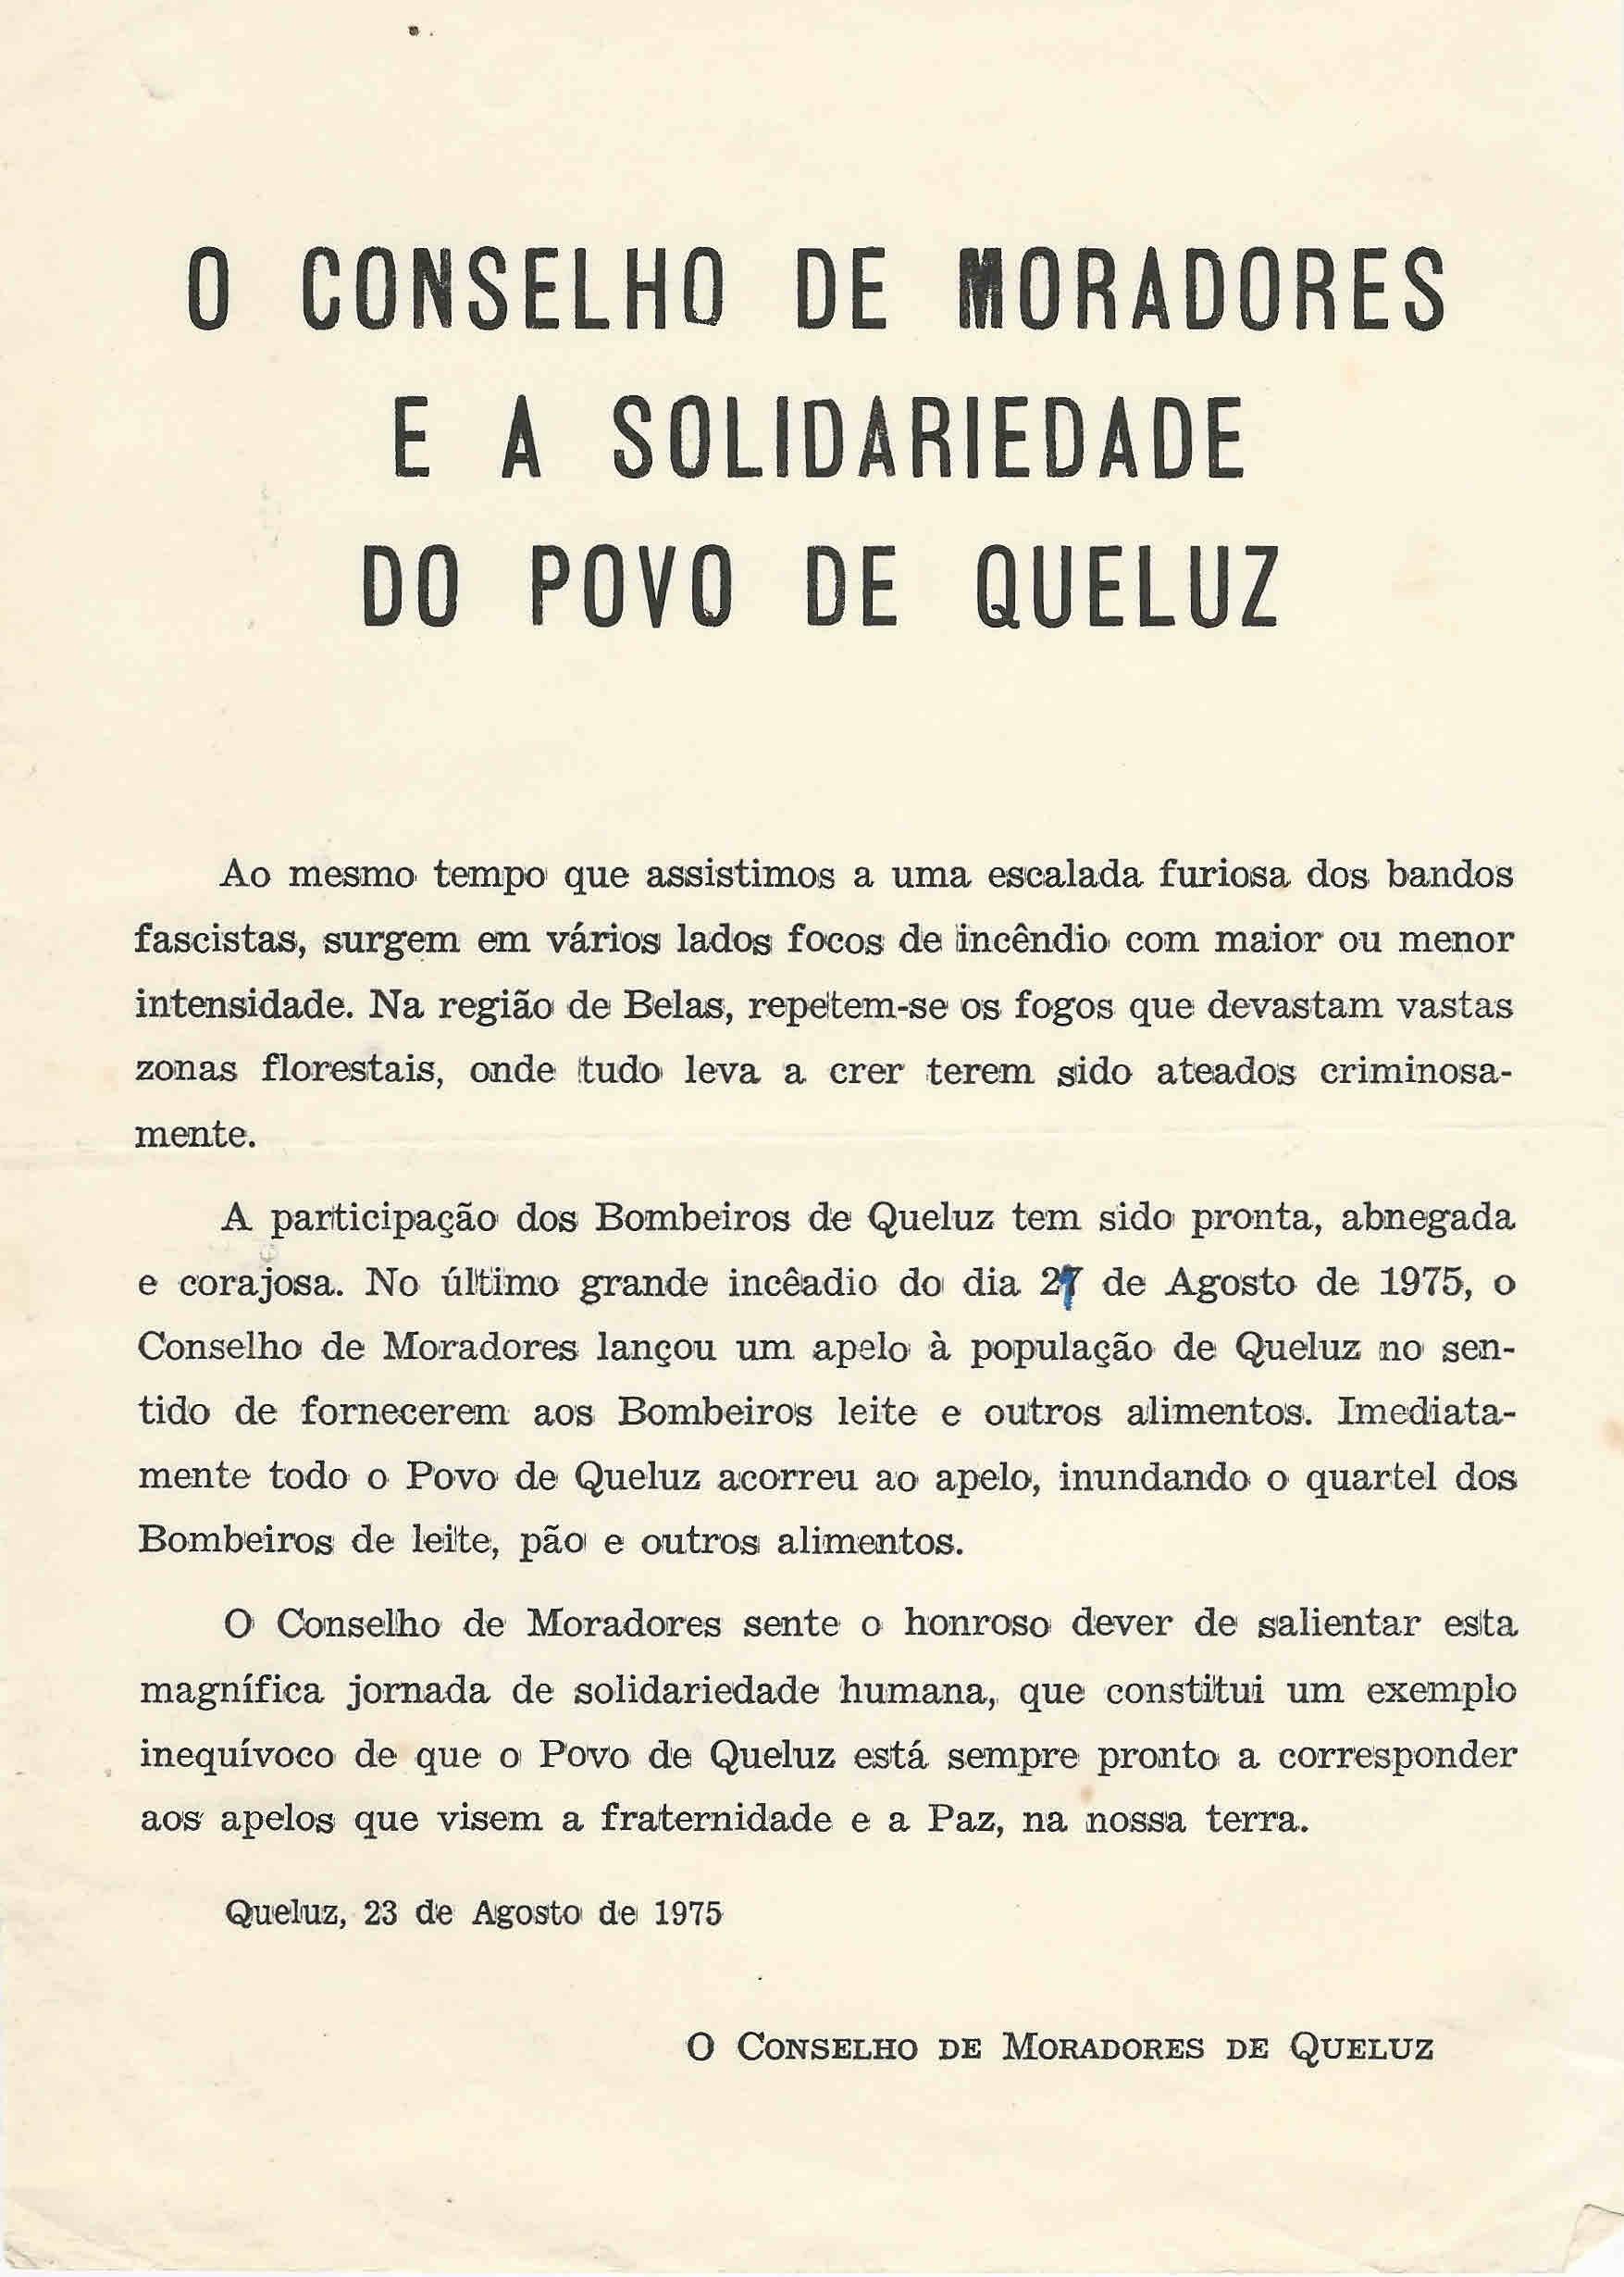 CONSELHO DE MORADORES DE QUELUZ – EPHEMERA – Biblioteca e arquivo de José Pacheco Pereira